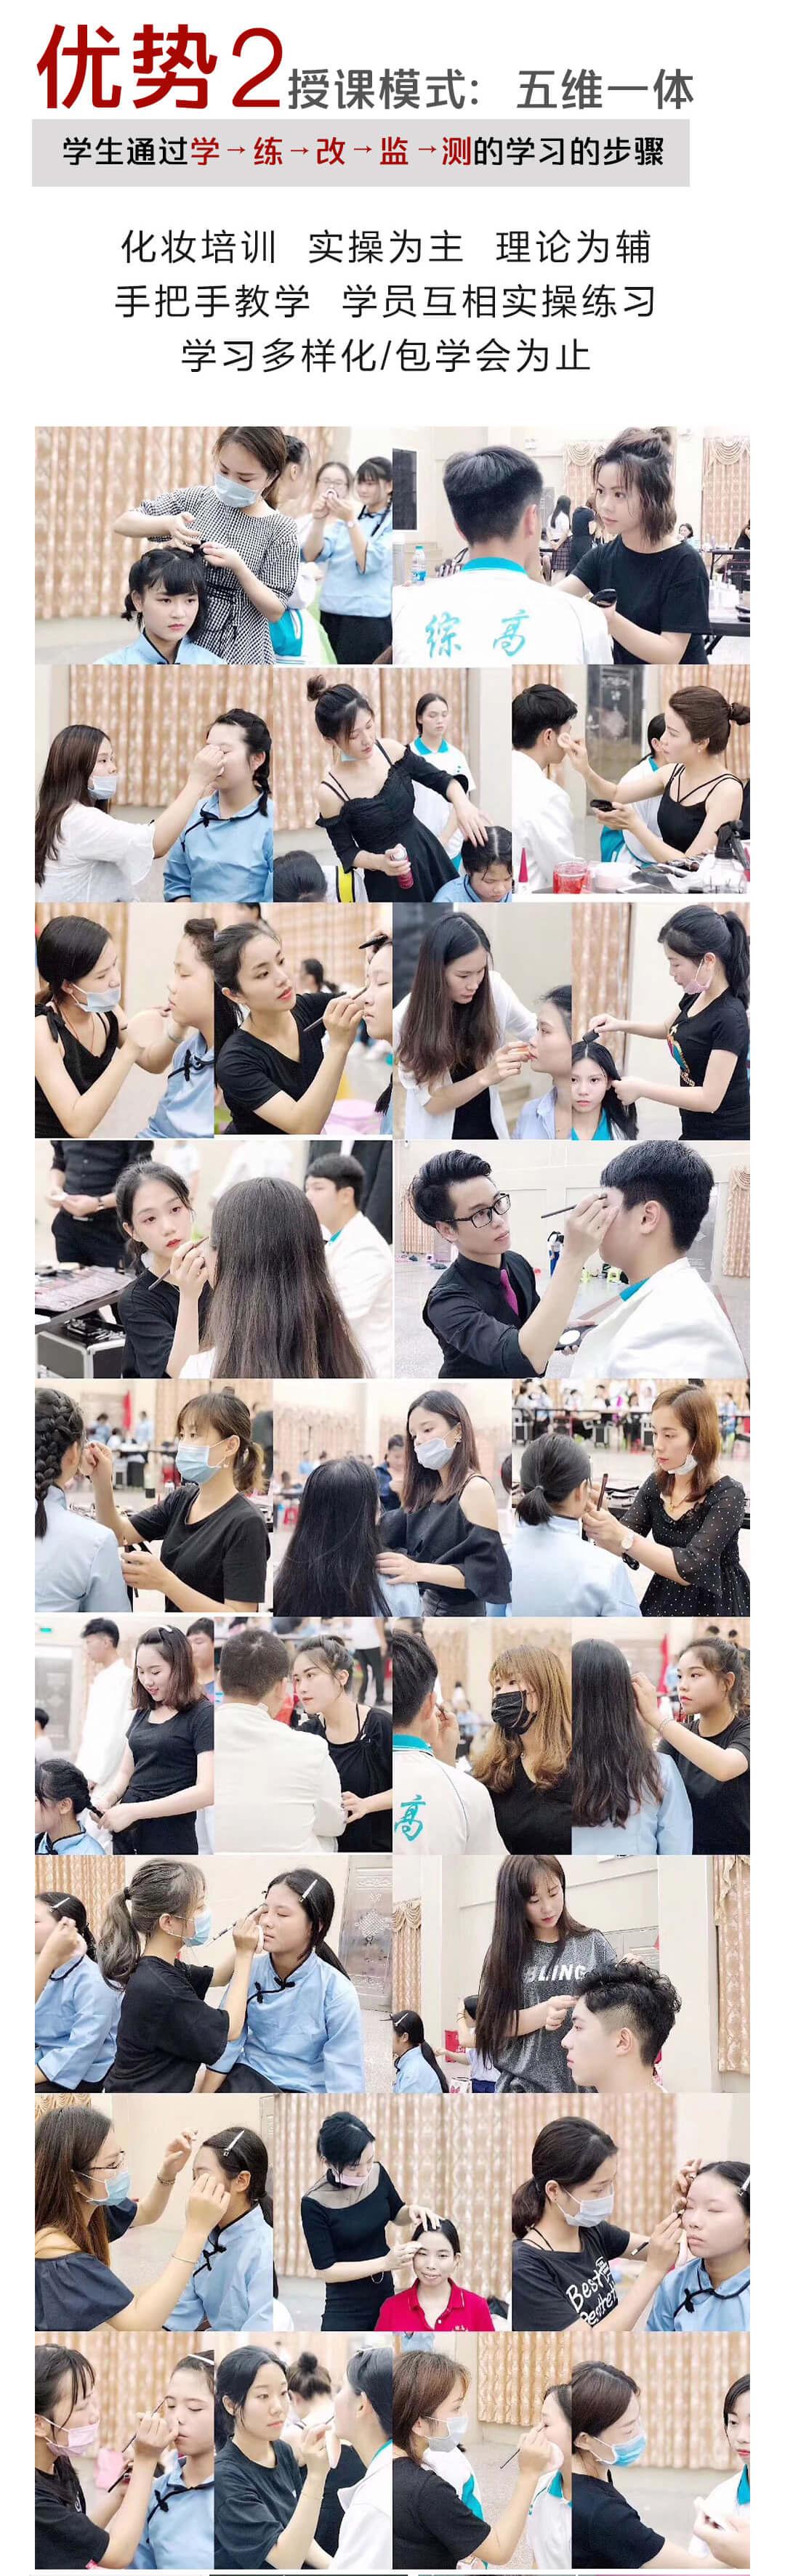 精英化妆造型研修班学习优势二